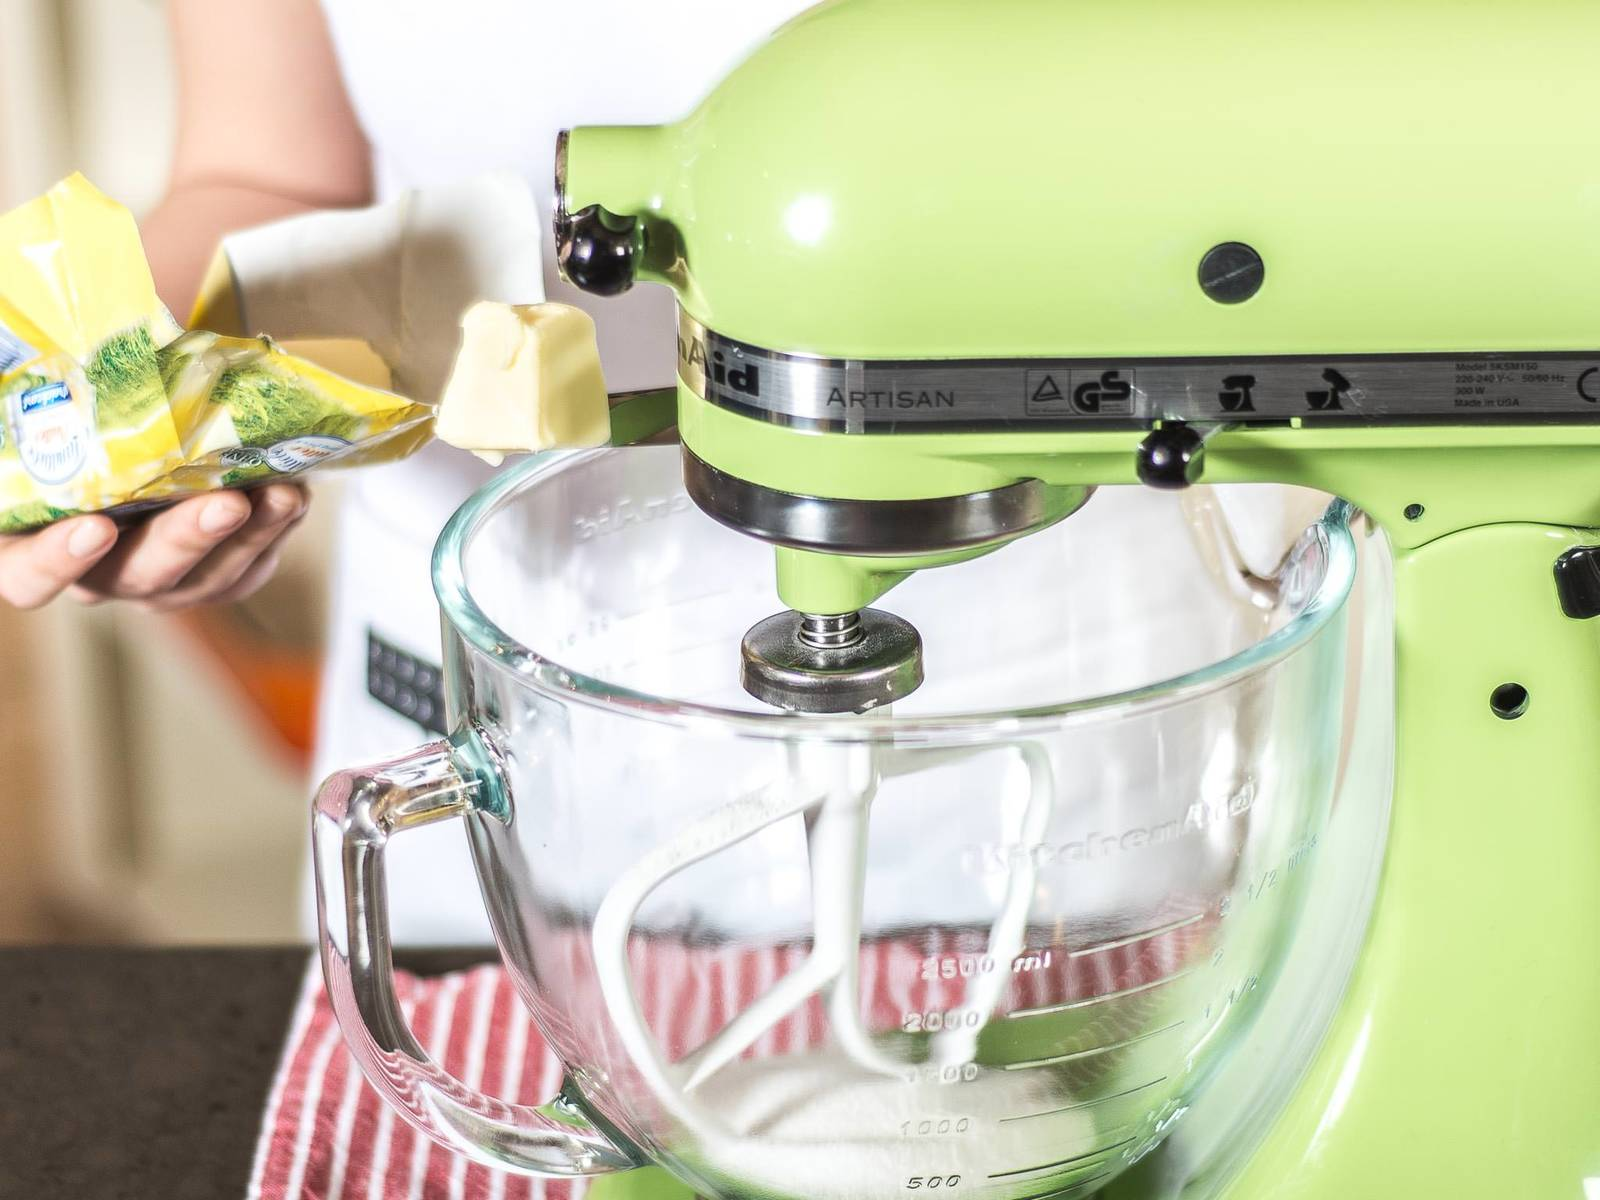 蛋糕底盘的做法:将切成小块状的冷黄油,糖,牛奶与少许盐用搅拌机搅拌均匀。